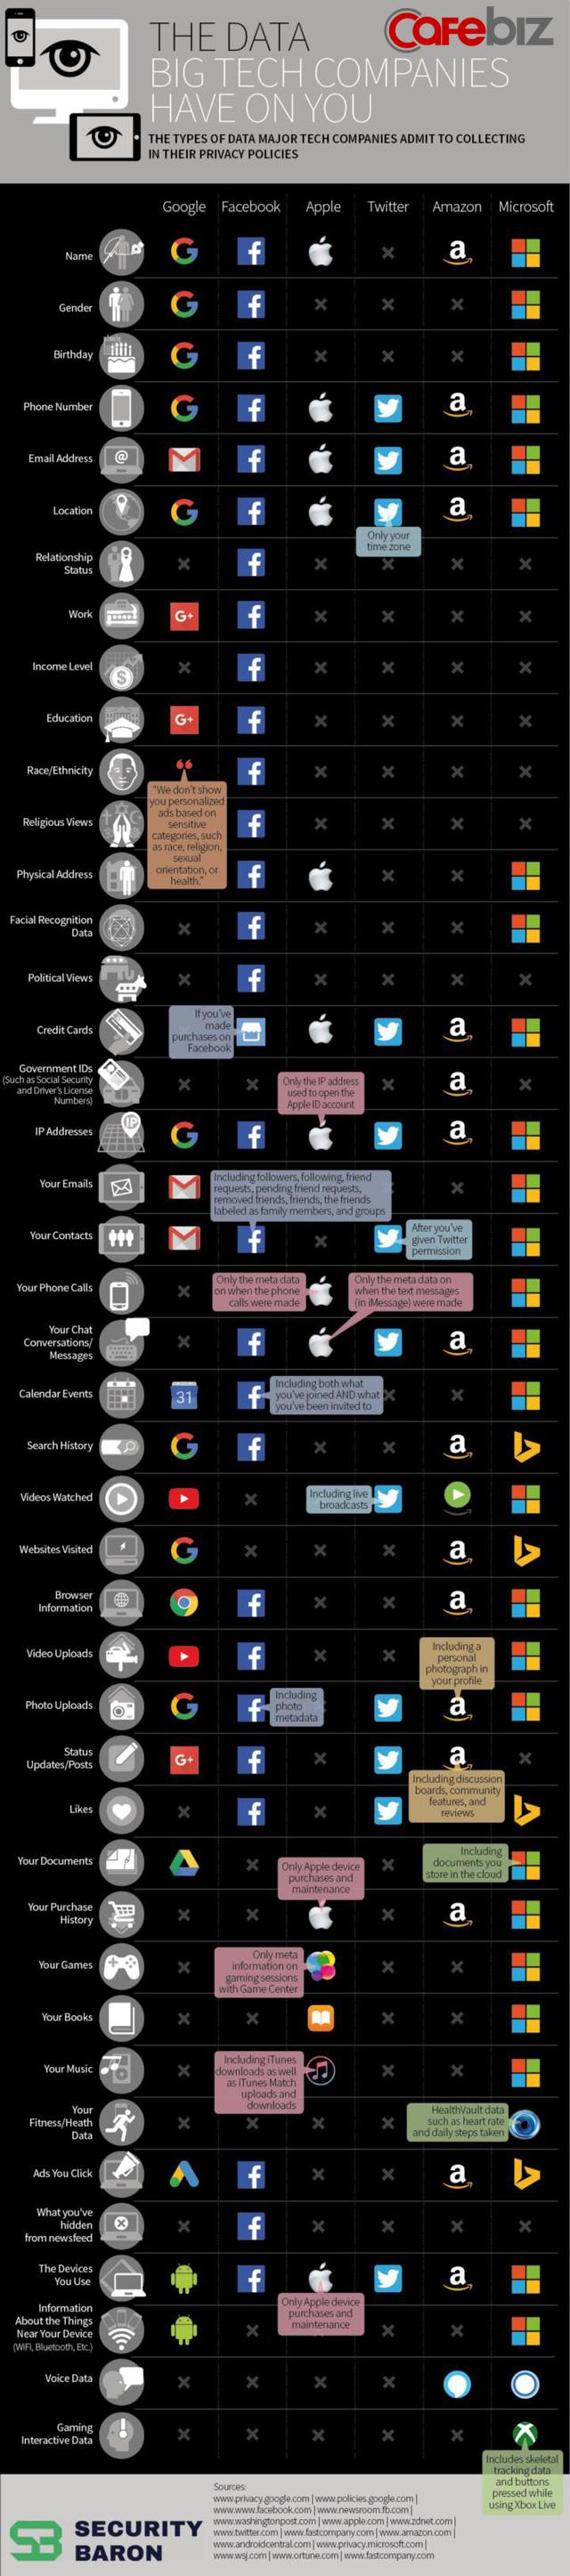 Liệu các ông lớn công nghệ Google, Facebok, Apple,… biết về bạn nhiều đến thế nào? - Ảnh 3.